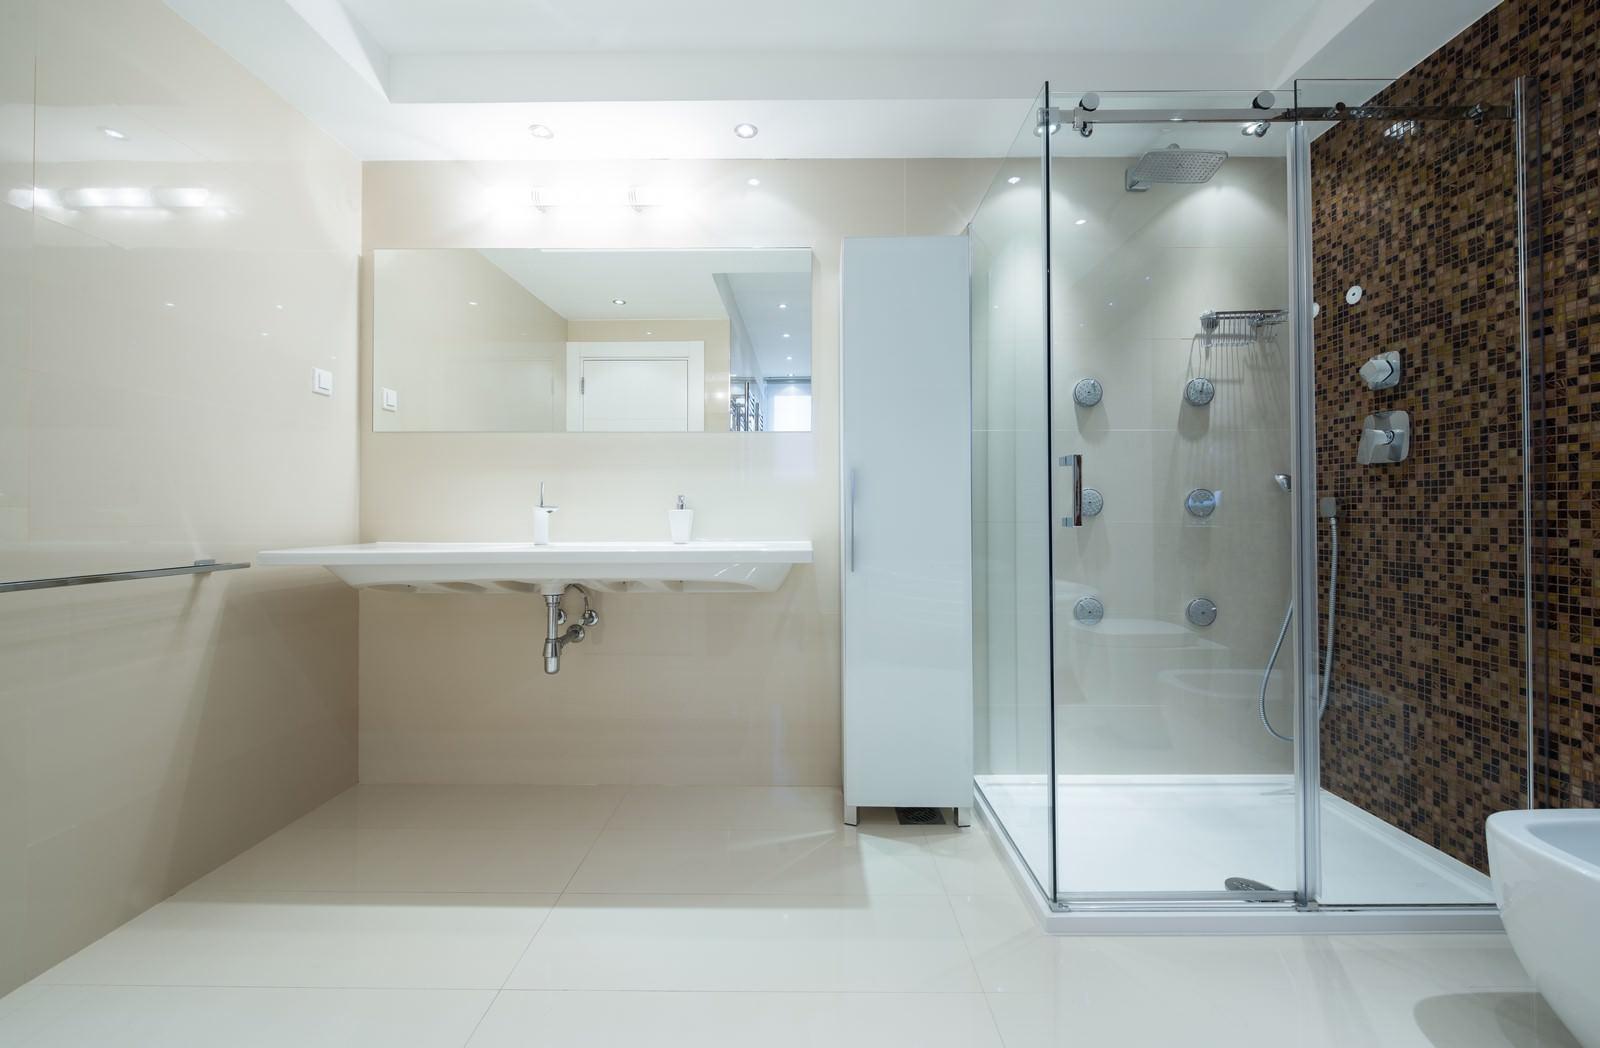 tanguy salle de bain salle d 39 eau wc